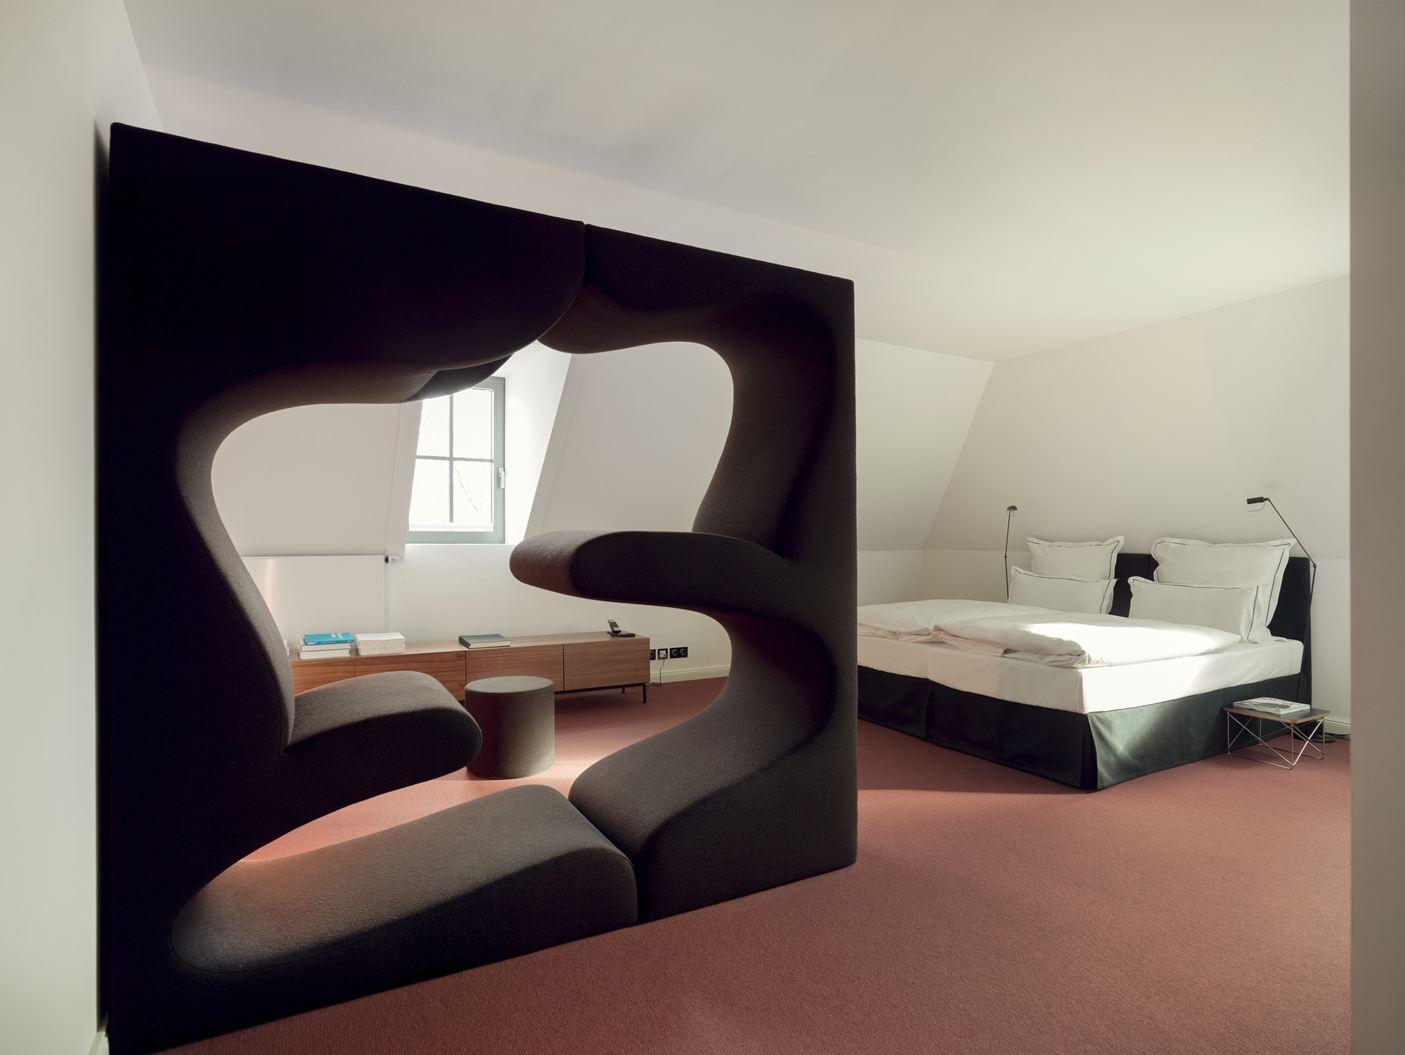 Camere Tumblr Piccole : Un hotel storico con stanze in mansarda mansarda.it